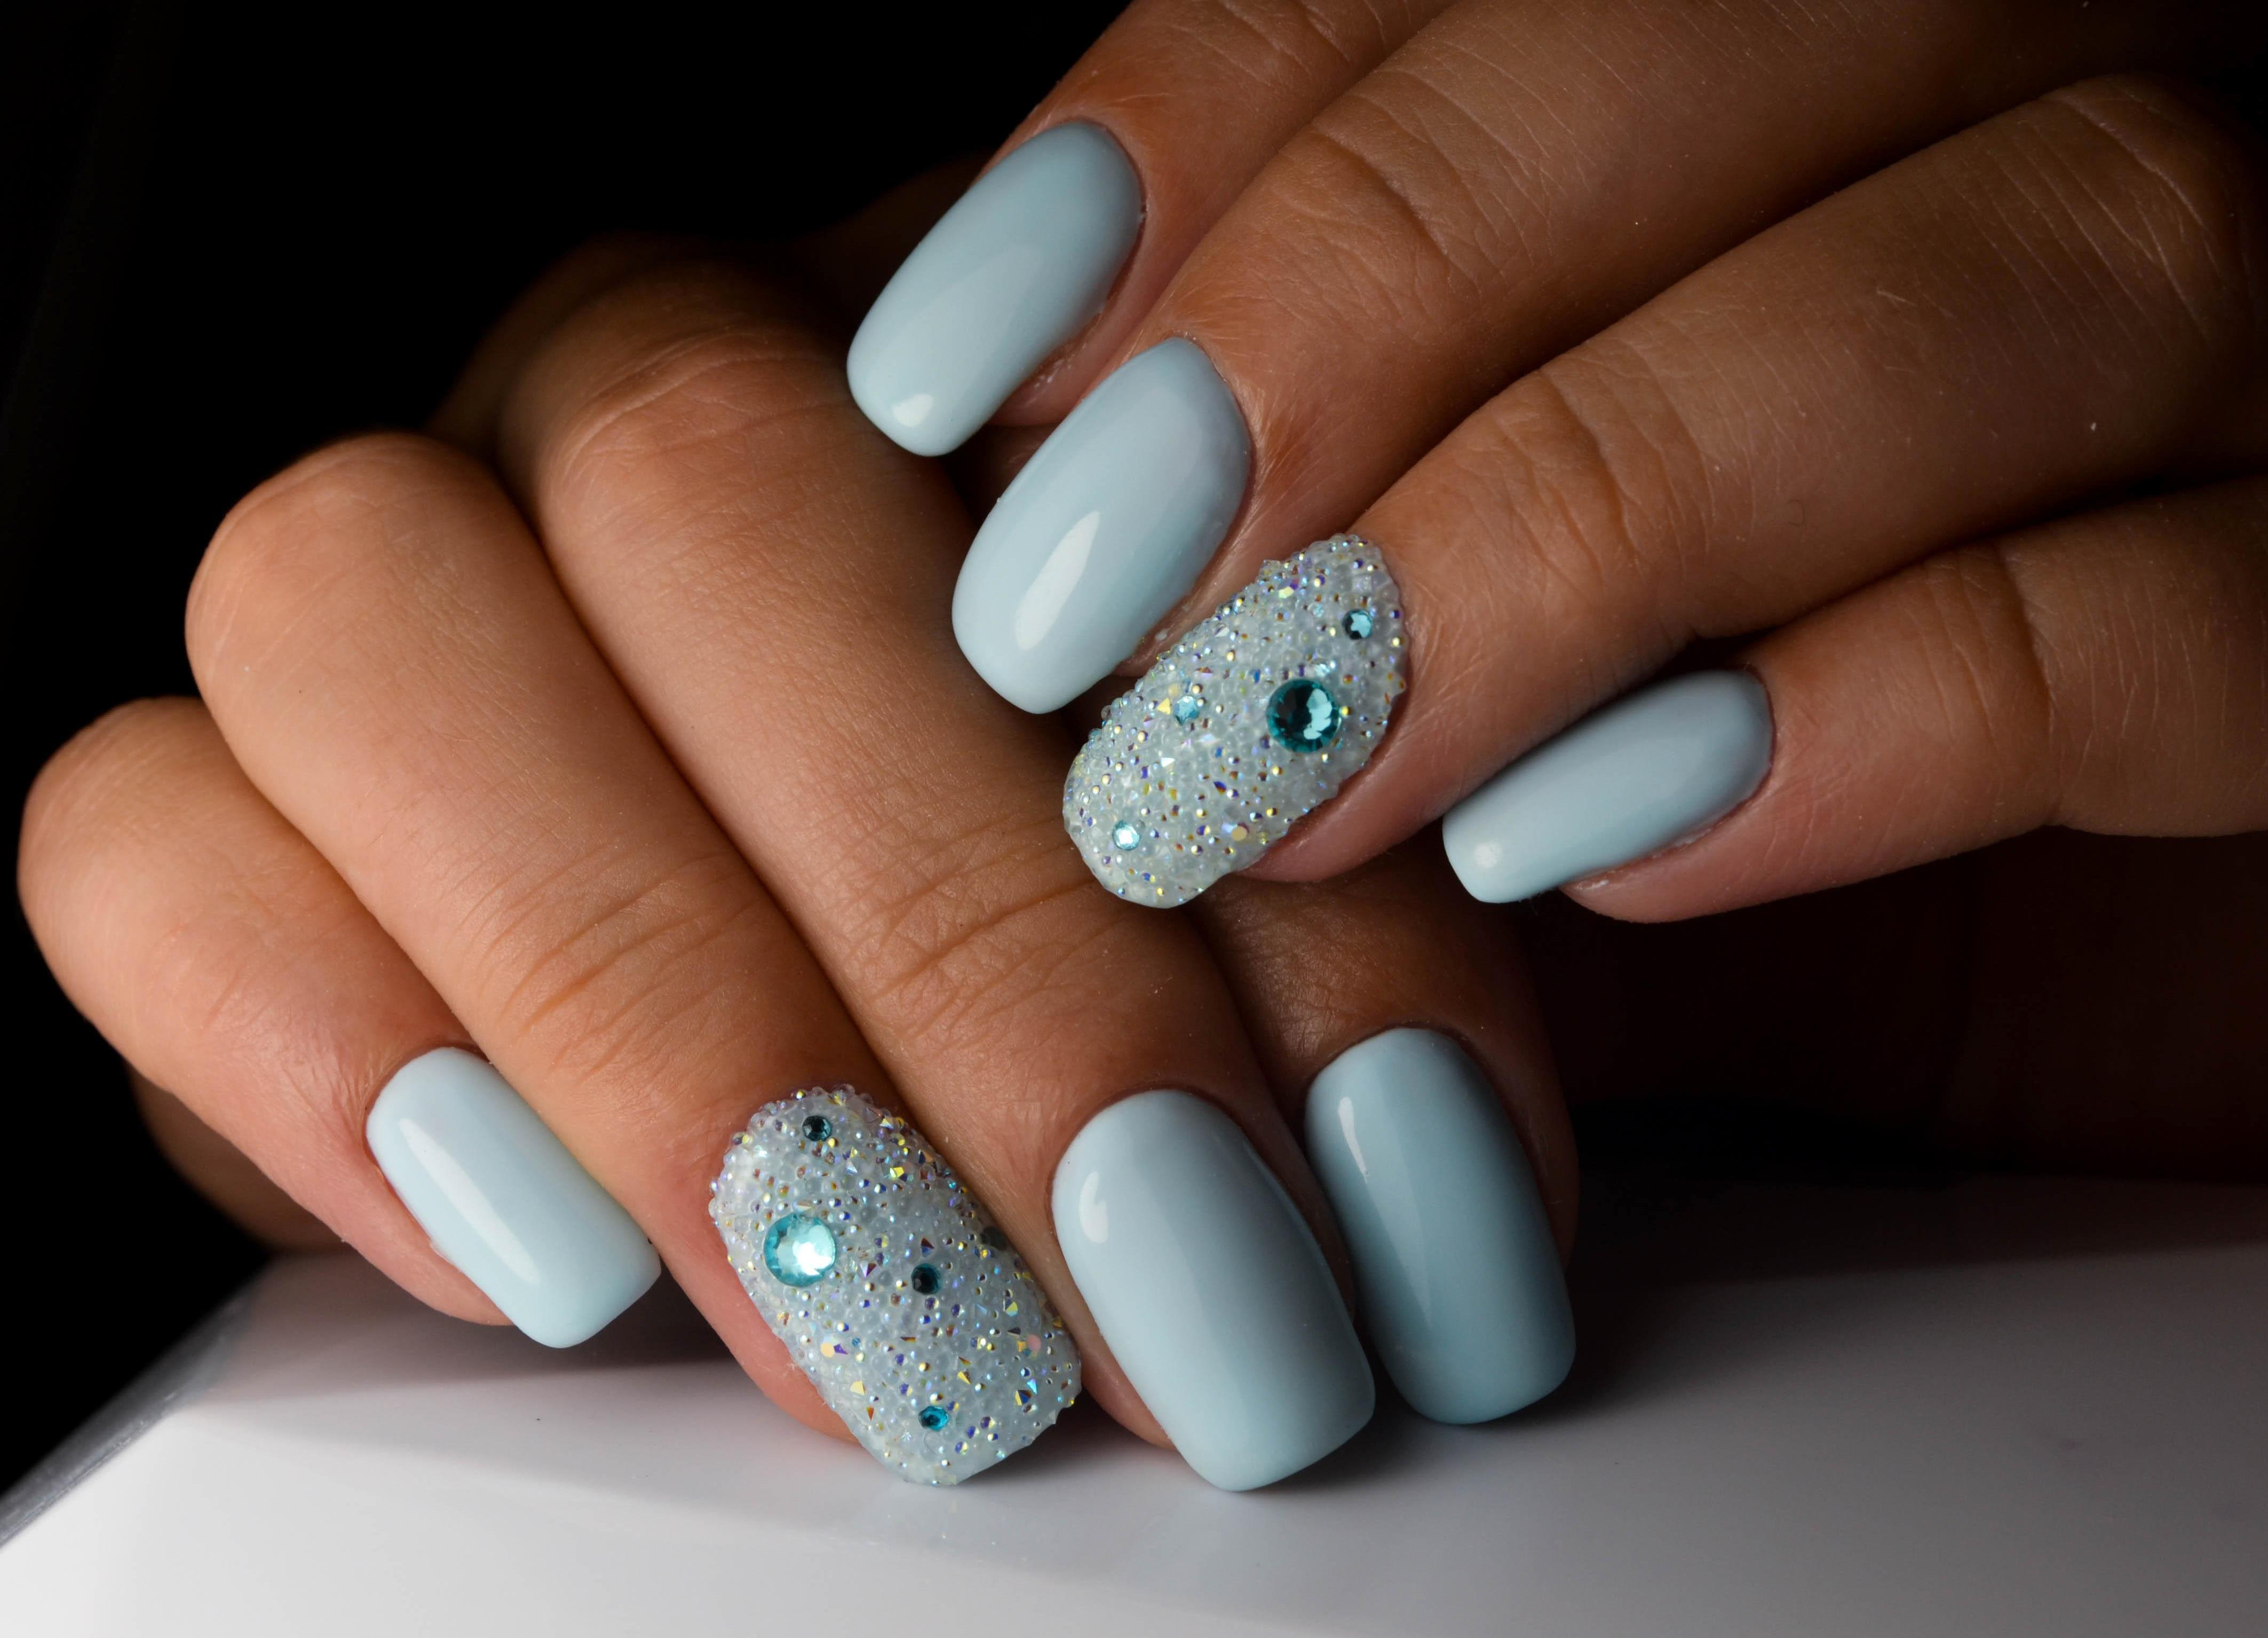 Хрустальные» ногти (24 фото): дизайн маникюра с «хрустальной ...